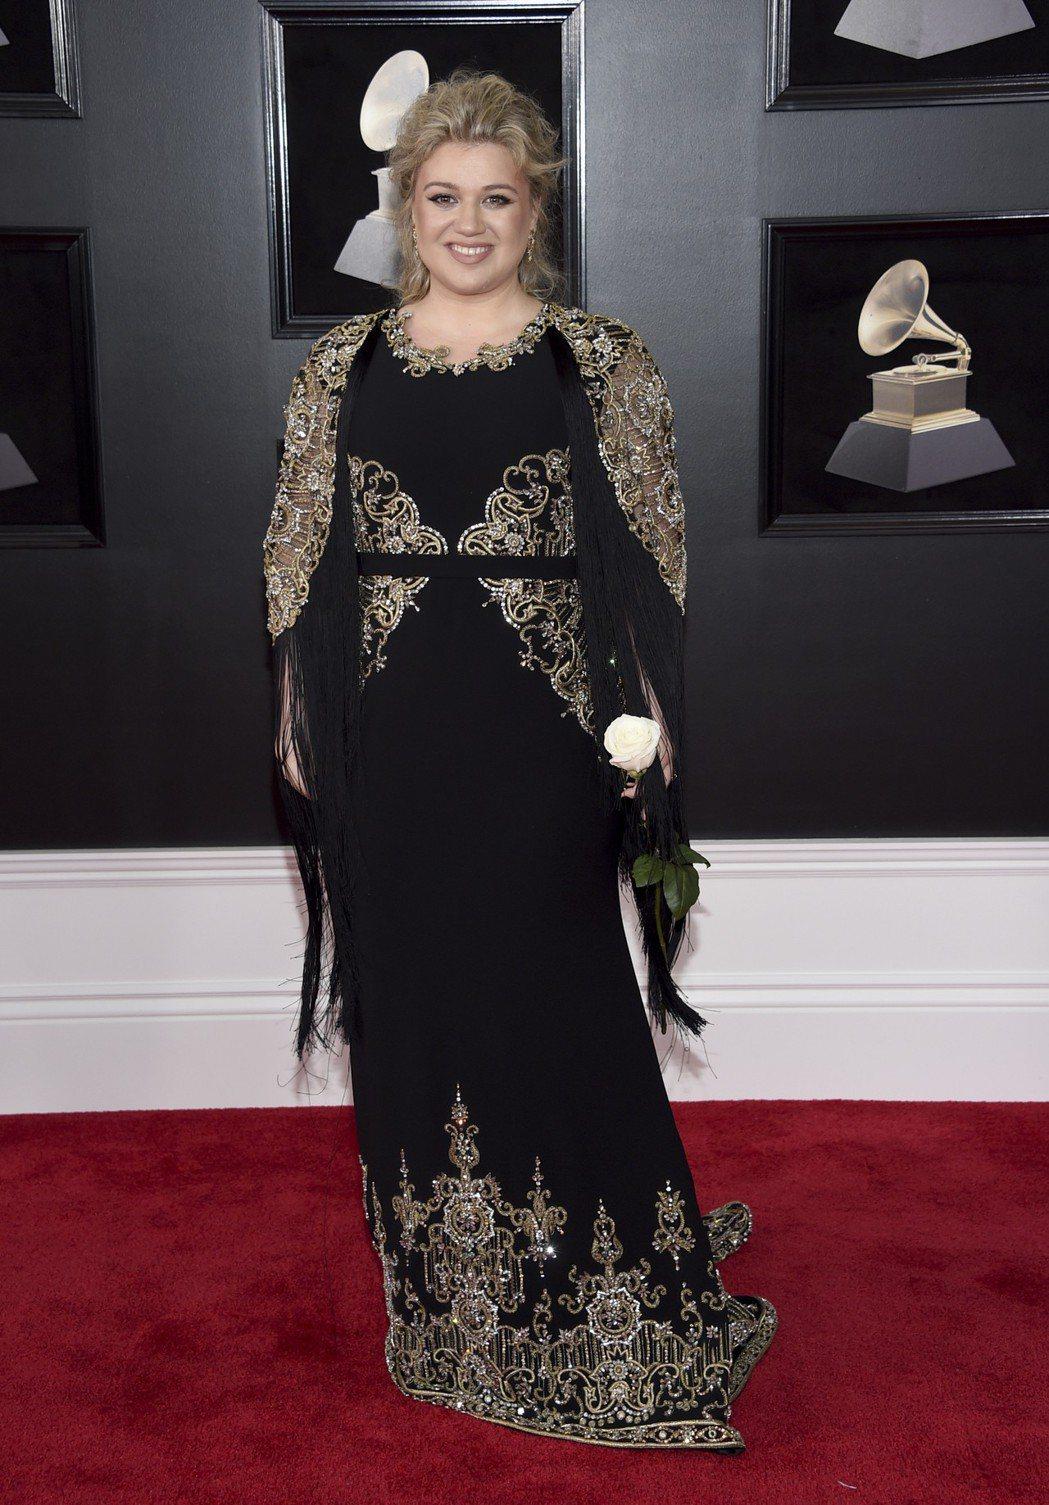 凱莉克萊森現身葛萊美獎紅毯。 圖/美聯社